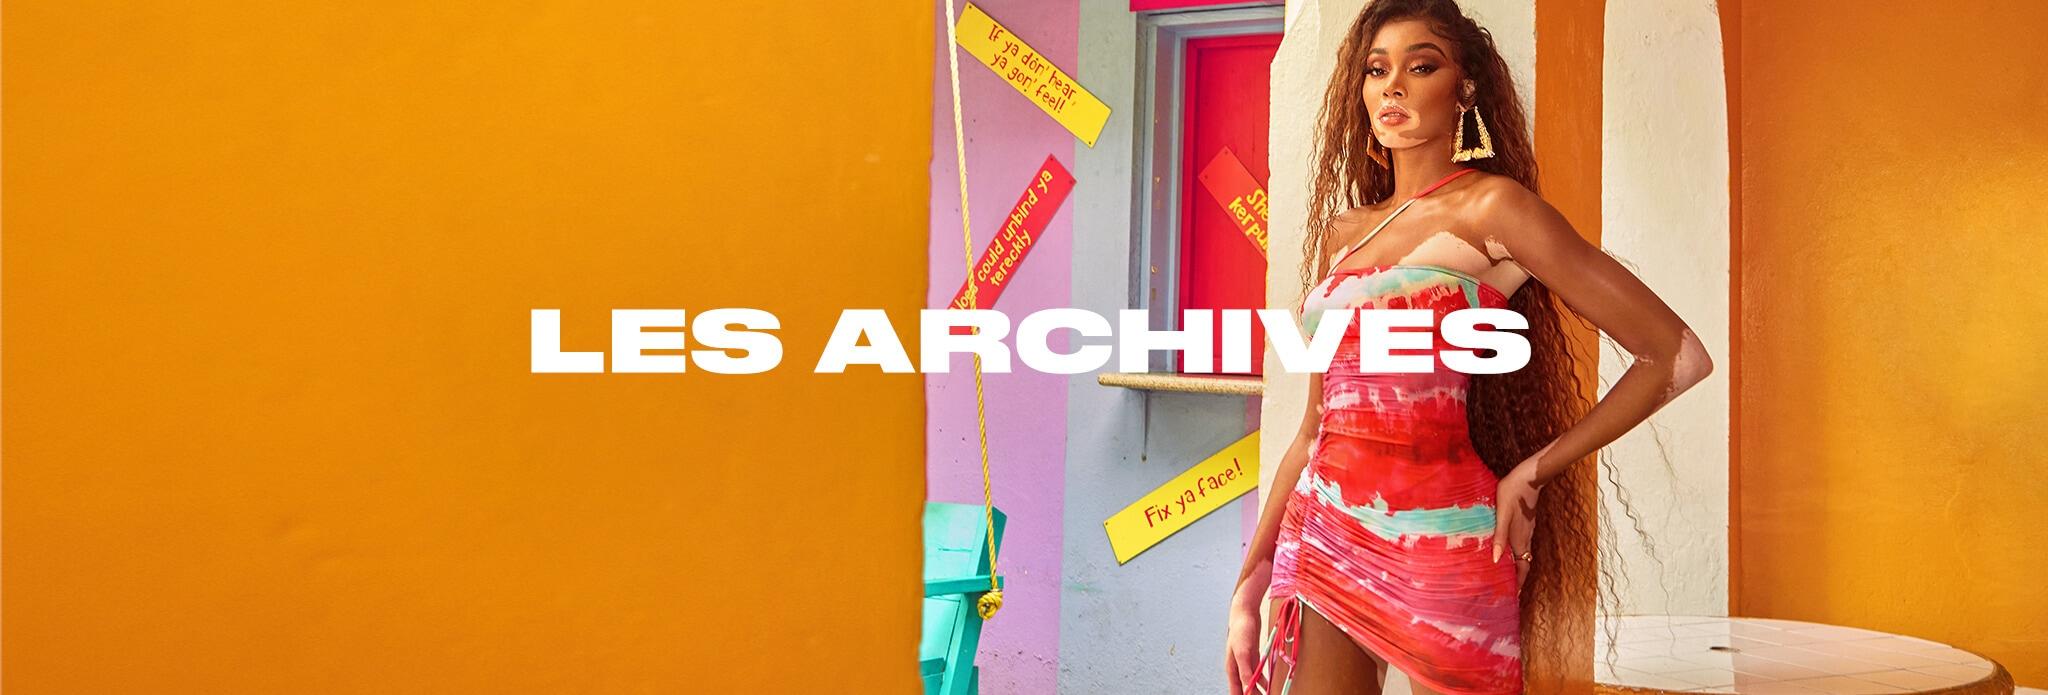 The Archive Desktop Splash